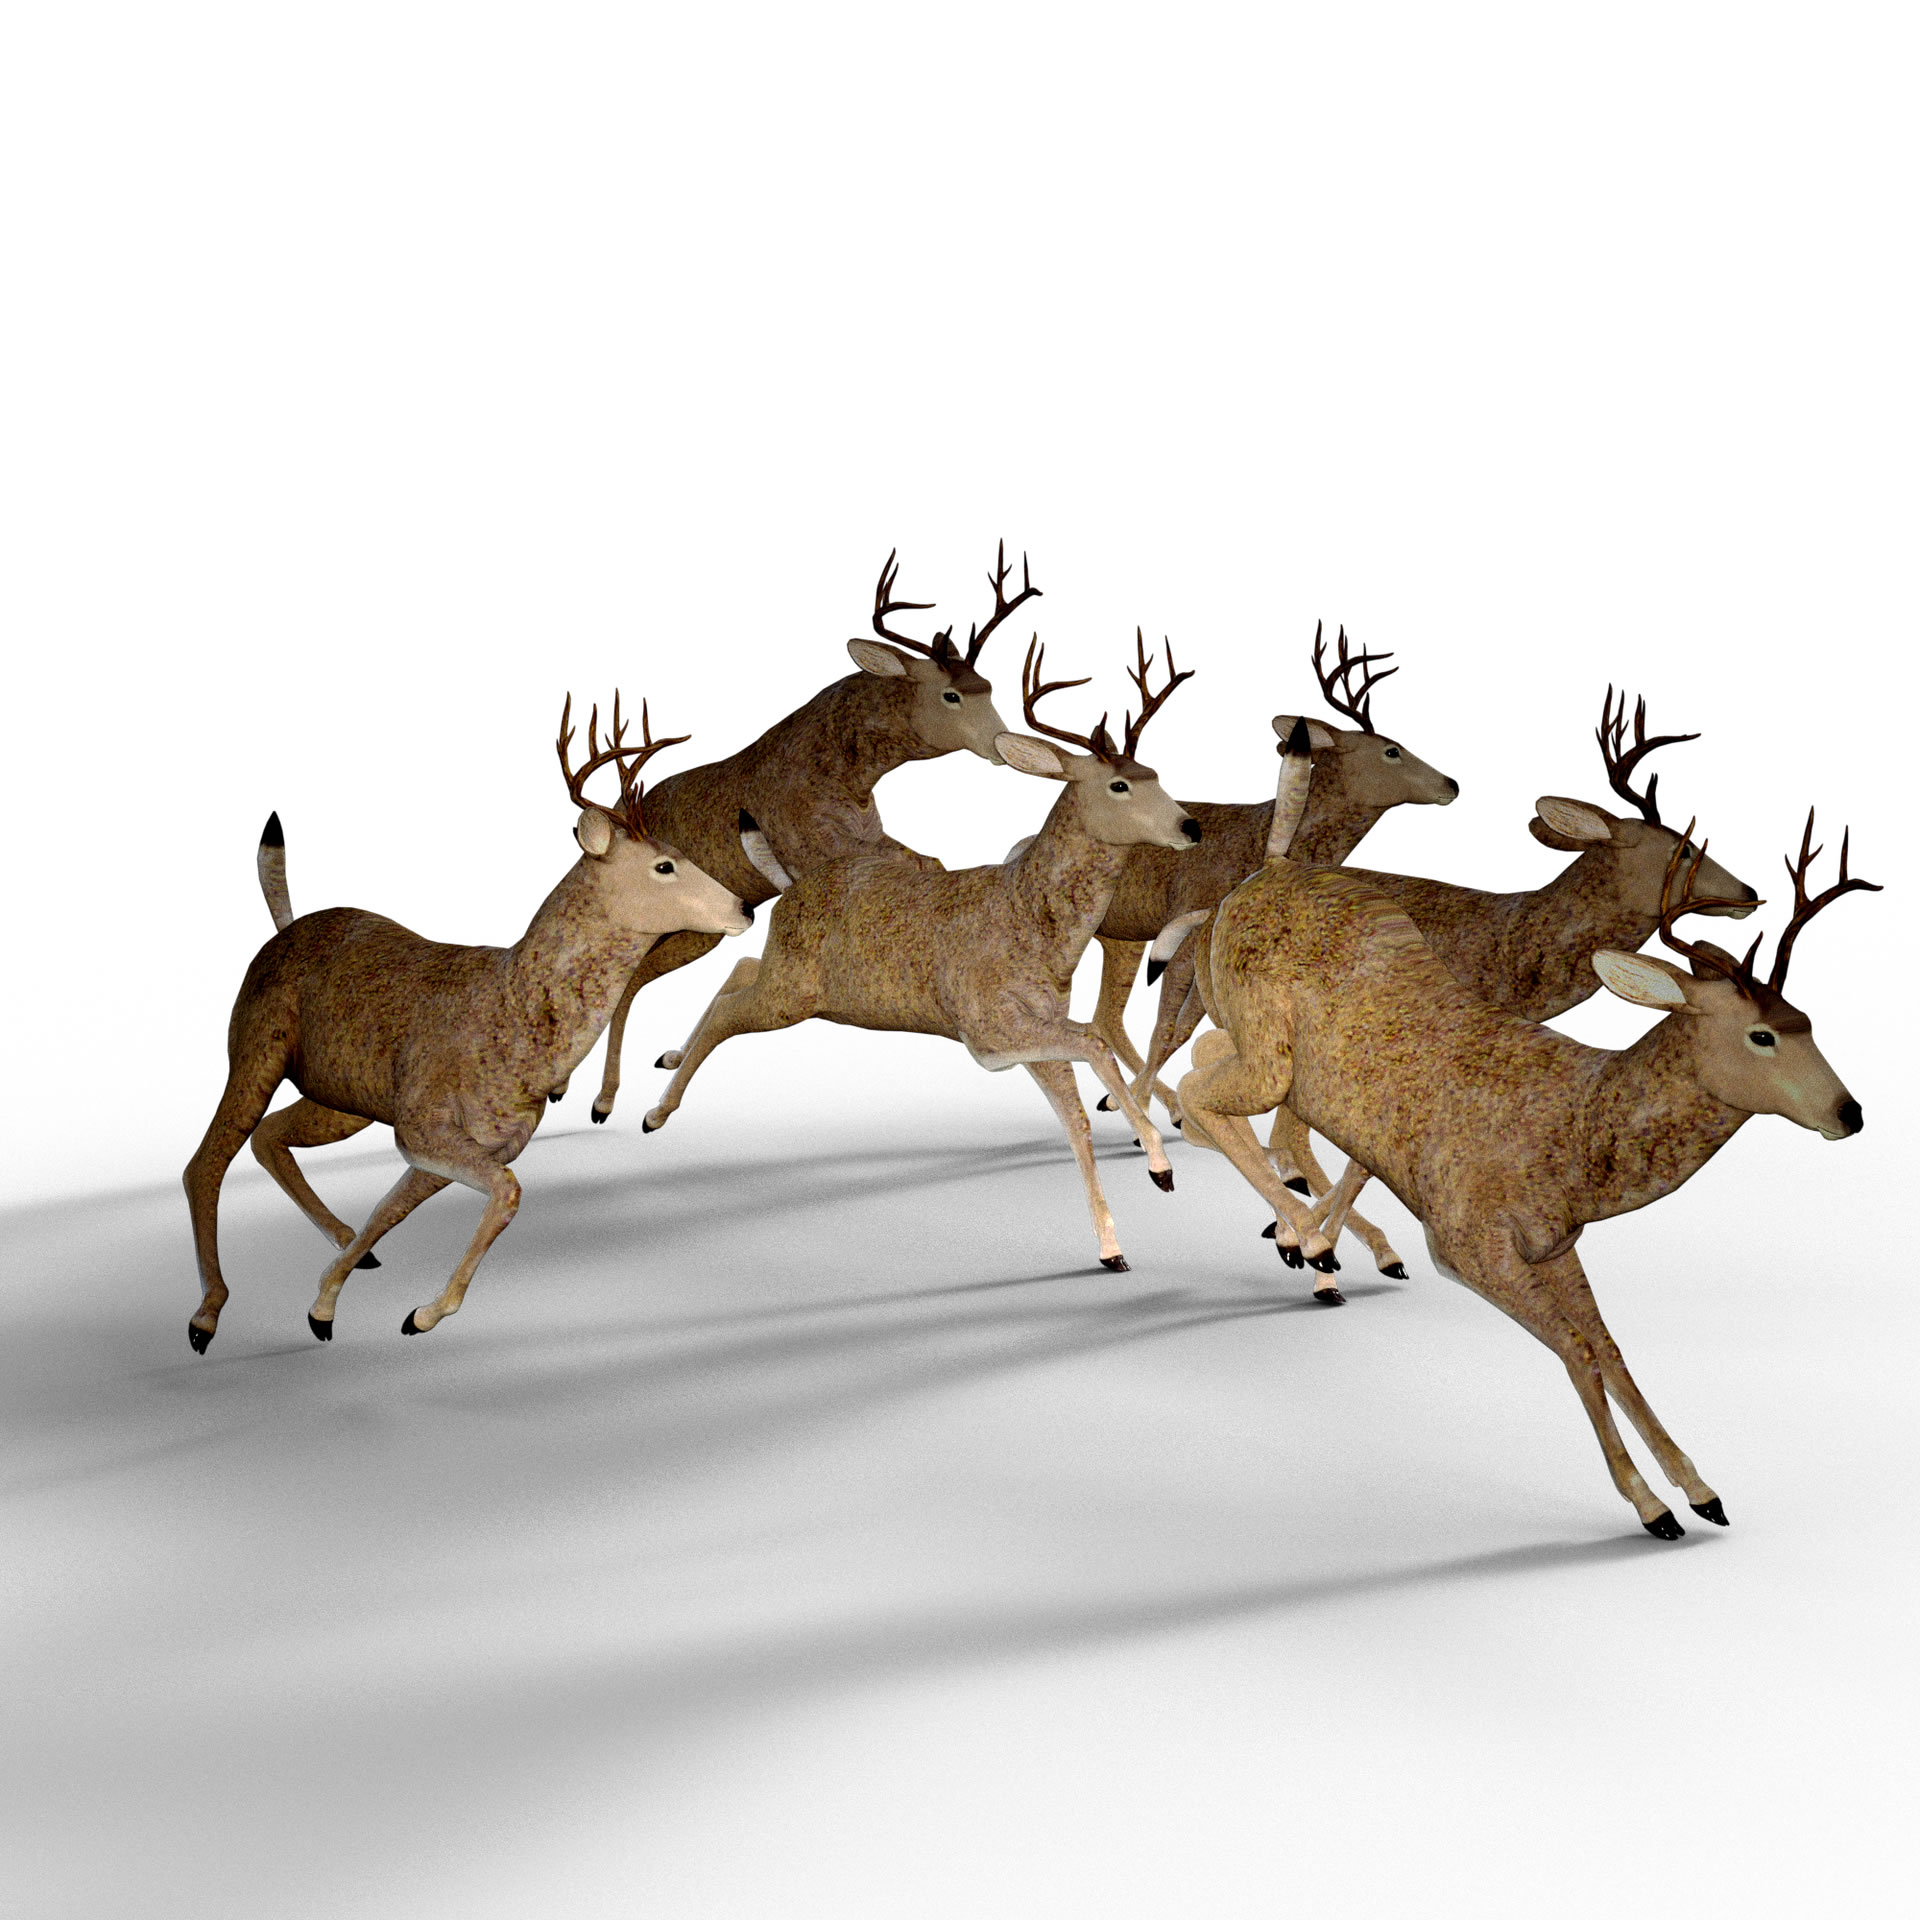 deer-1998968-1920.jpg